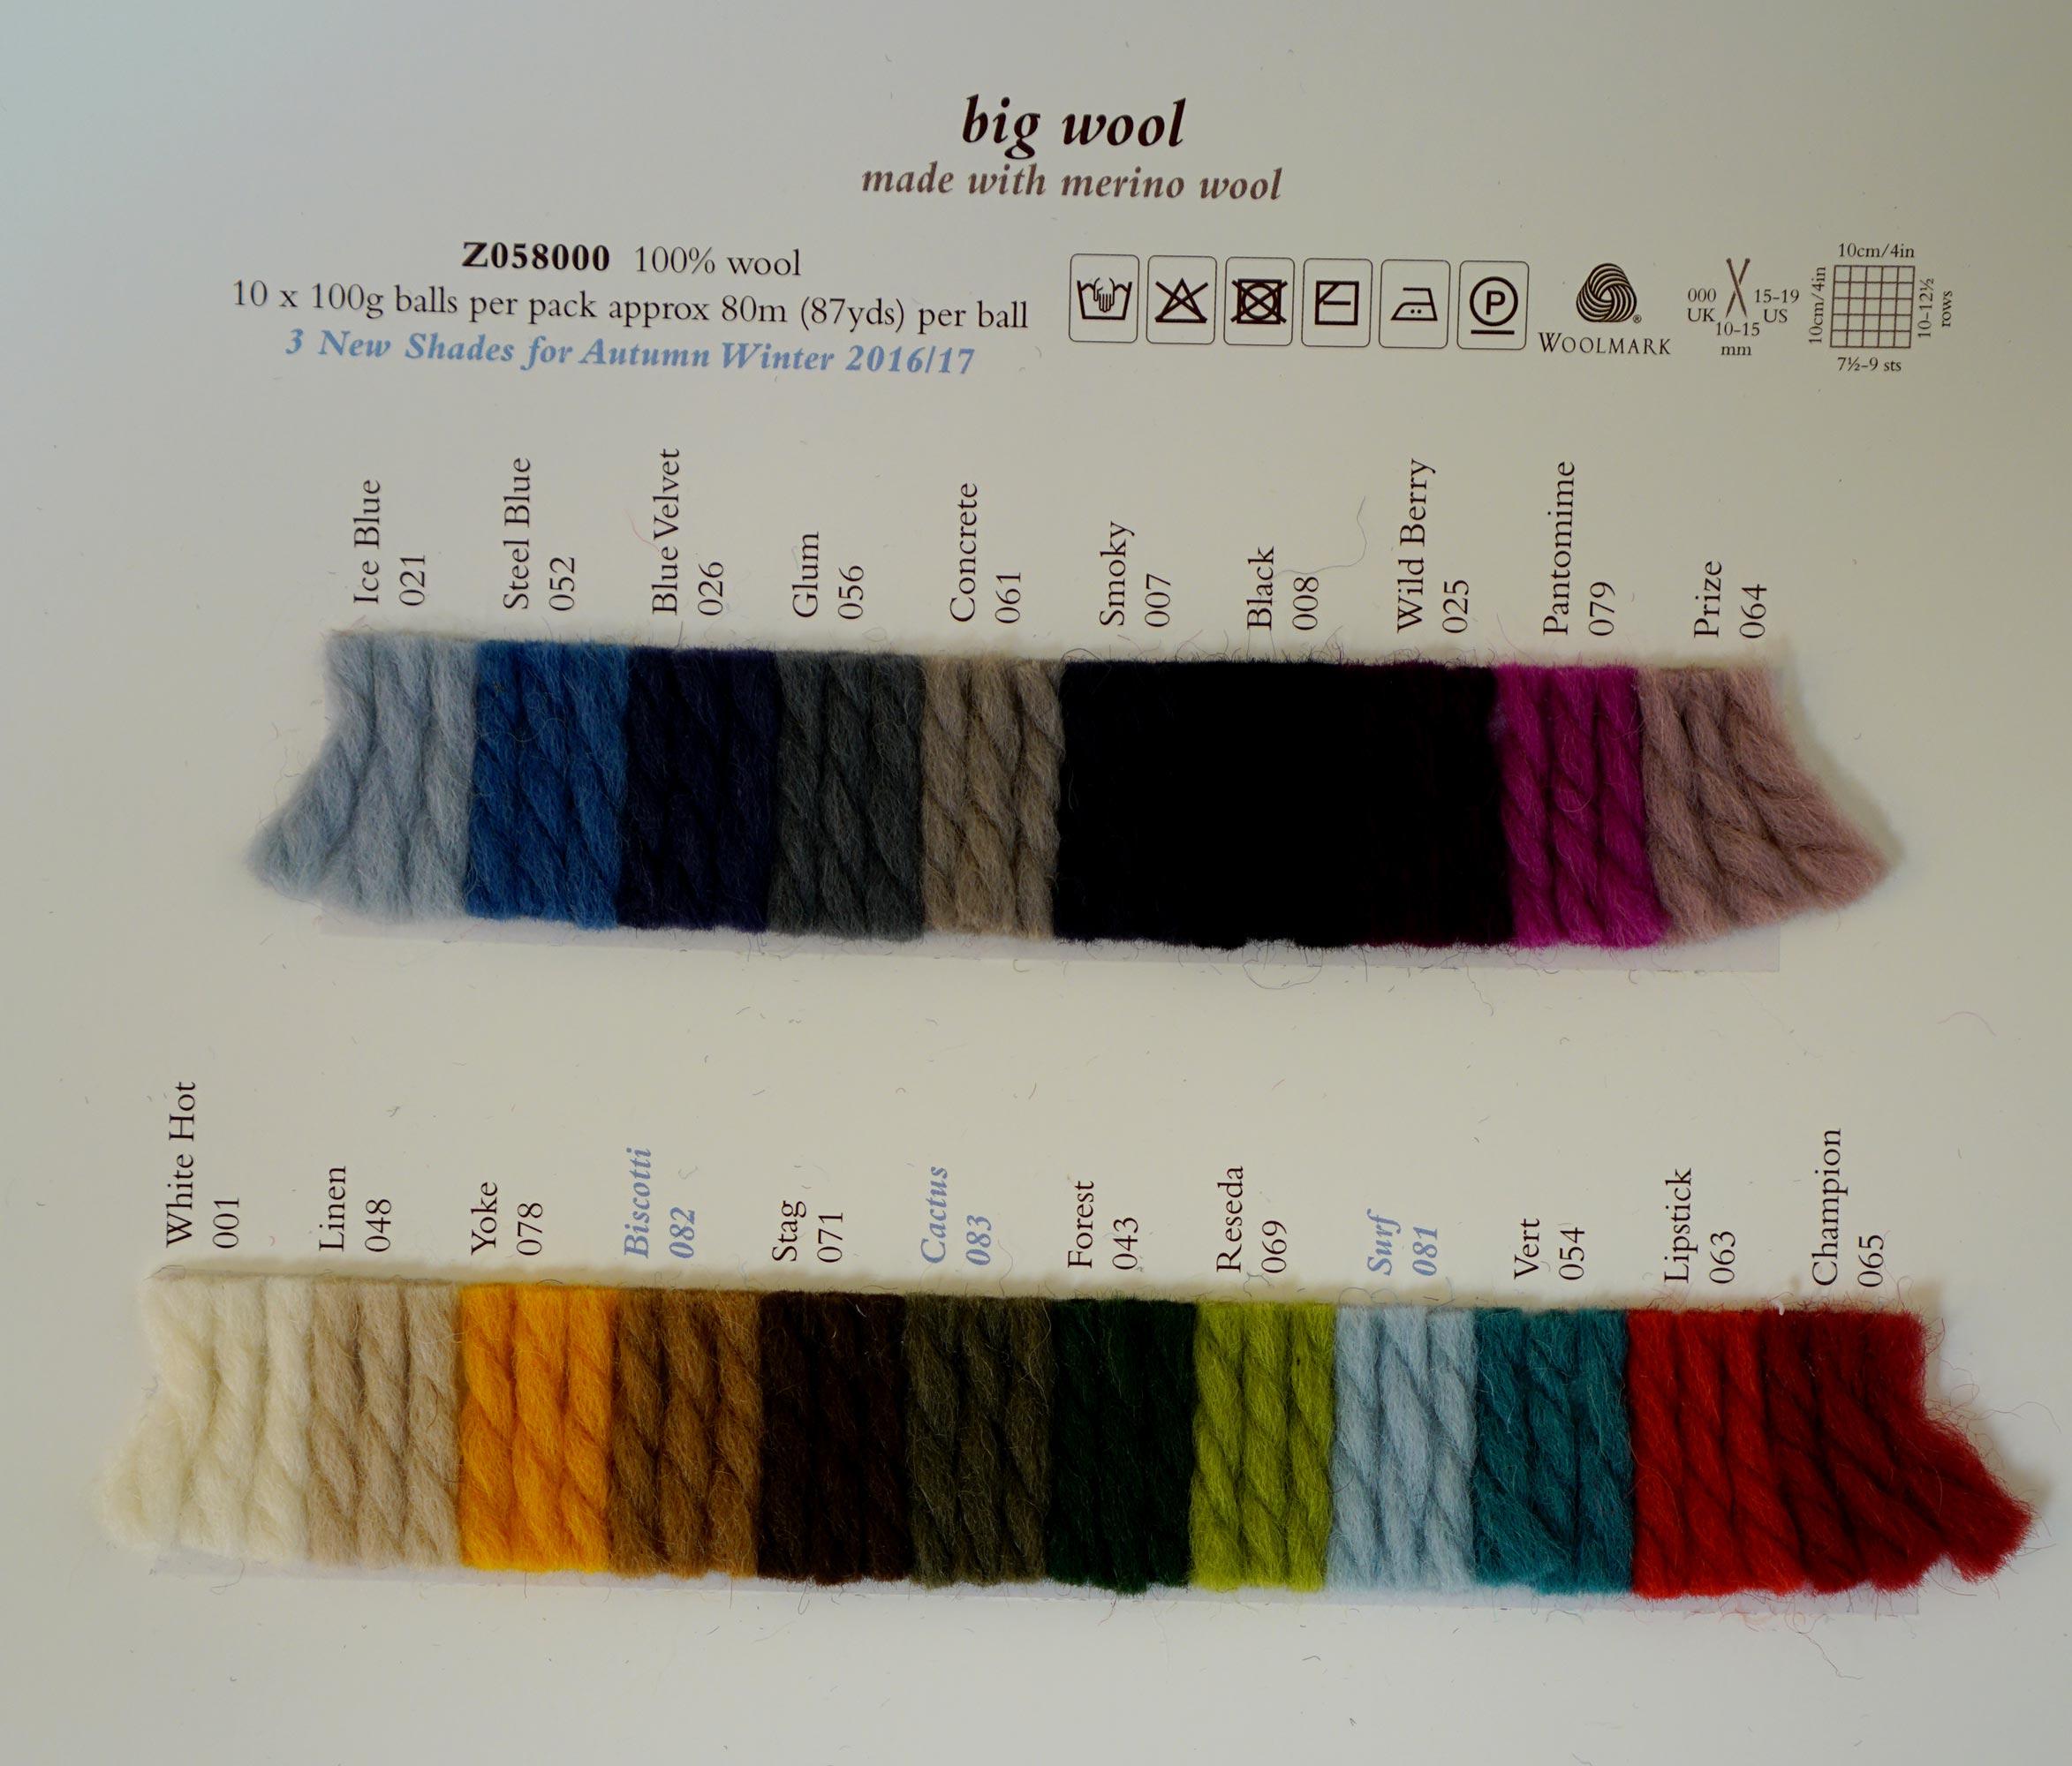 Knitting Patterns For Rowan Big Wool : Rowan Big Wool 100g - Rowan Yarns RYC Sirdar Sublime English Yarns knitting w...